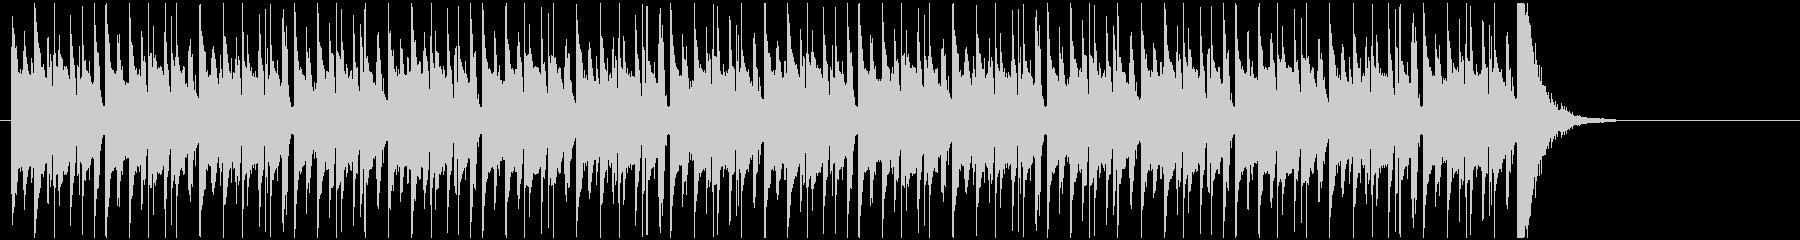 クイズ番組などのシンキングタイム用BGMの未再生の波形